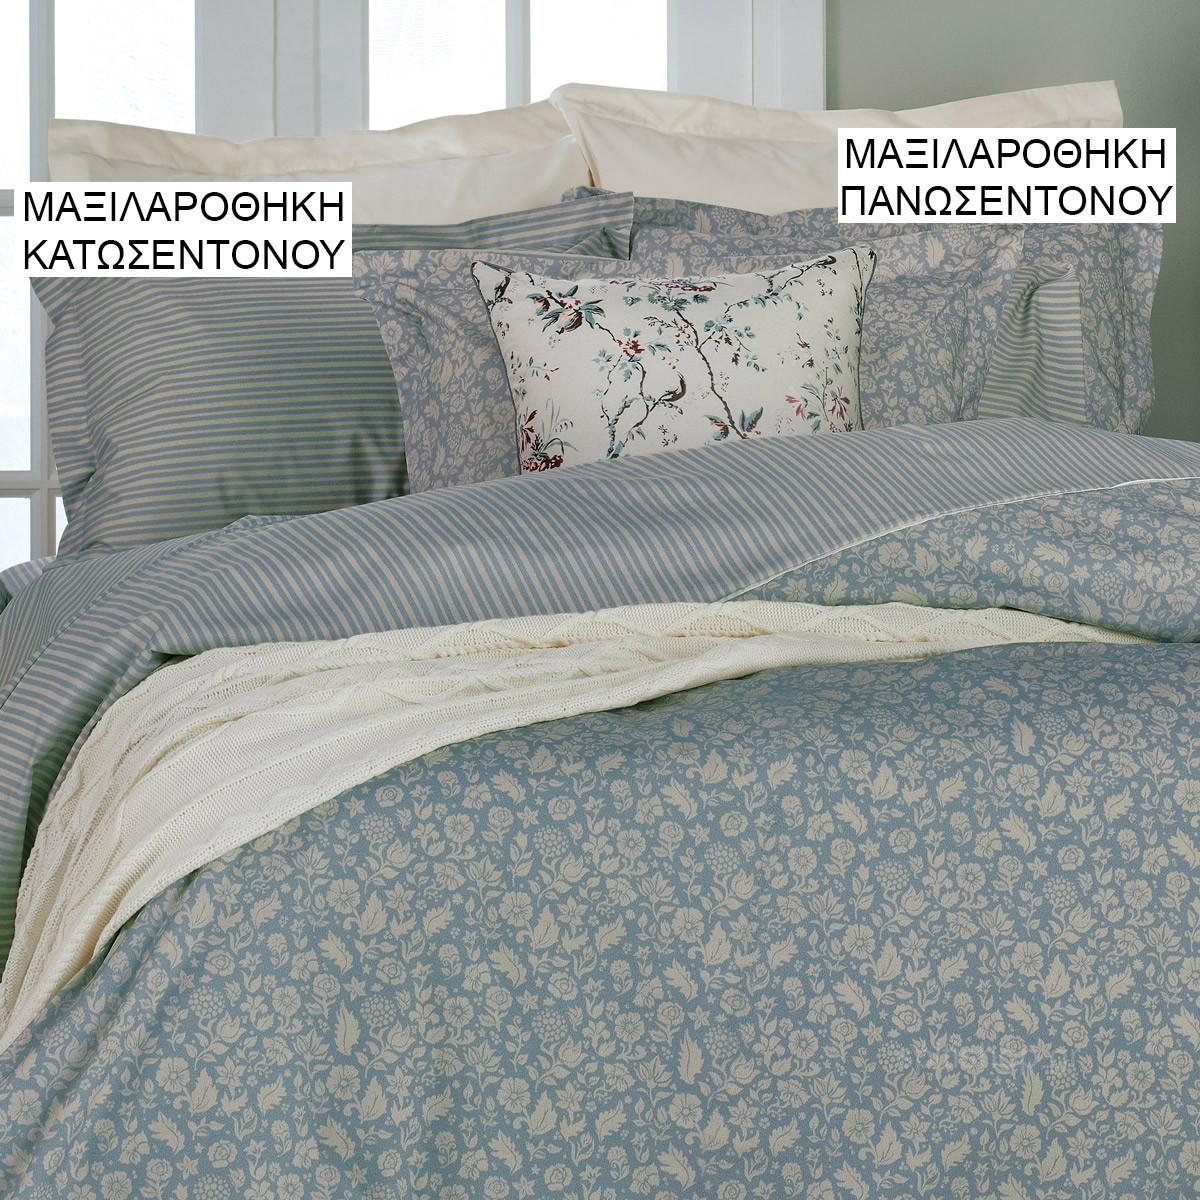 Ζεύγος Μαξιλαροθήκες Oxford Kentia Stylish Nouvelle 07 home   κρεβατοκάμαρα   μαξιλάρια   μαξιλαροθήκες